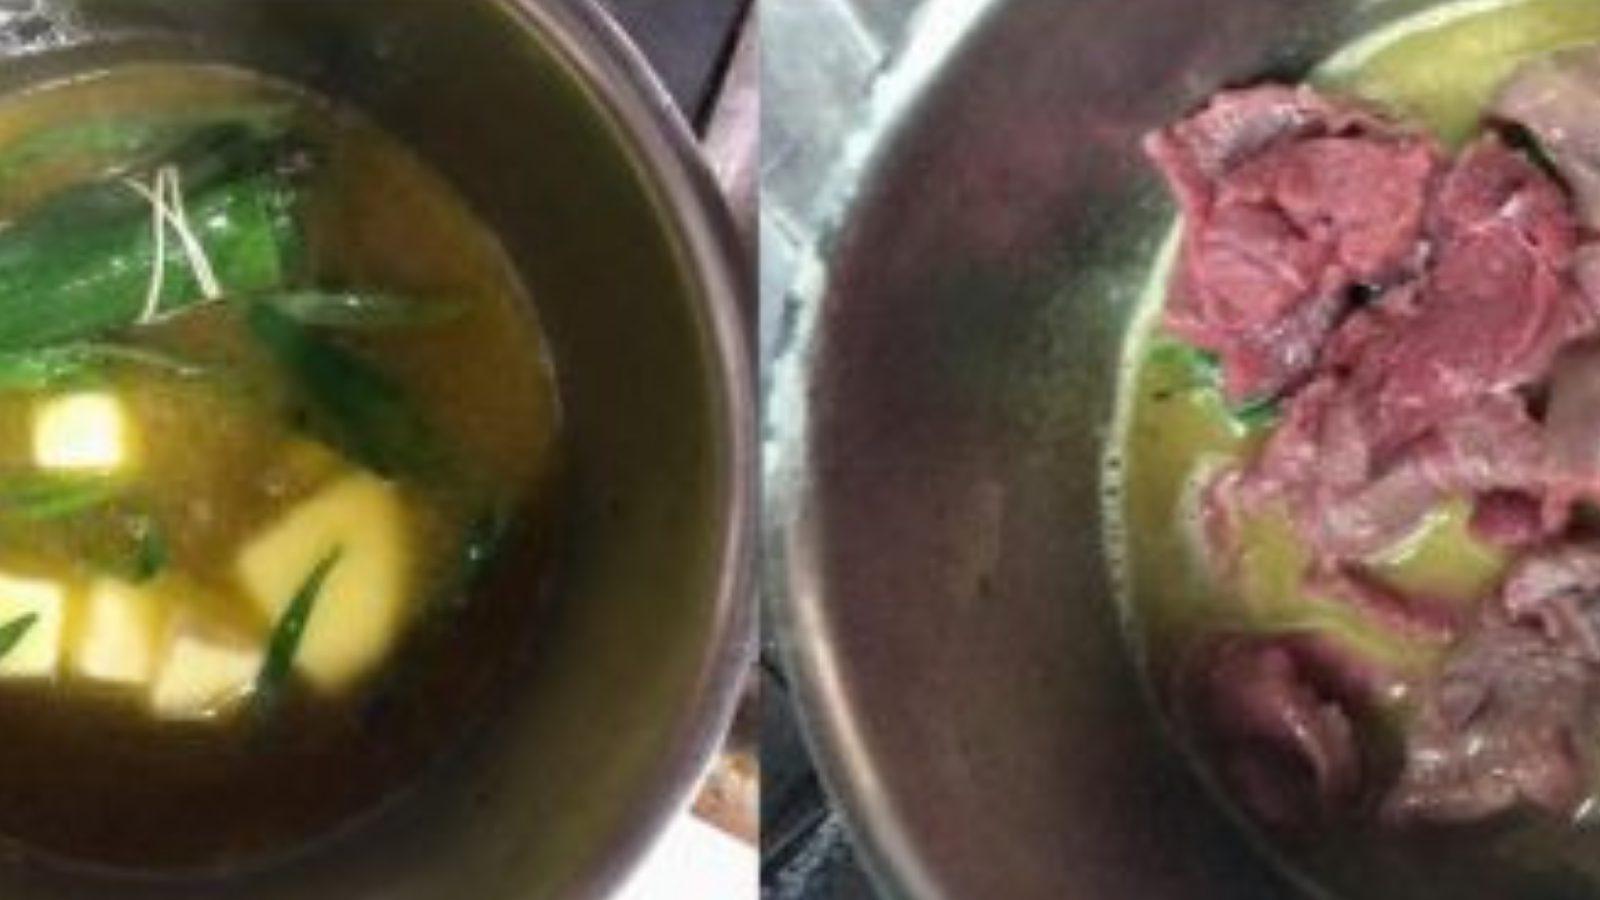 機械学習でレシピ変換 異国の郷土料理風に【AI×食品】(論文解説)